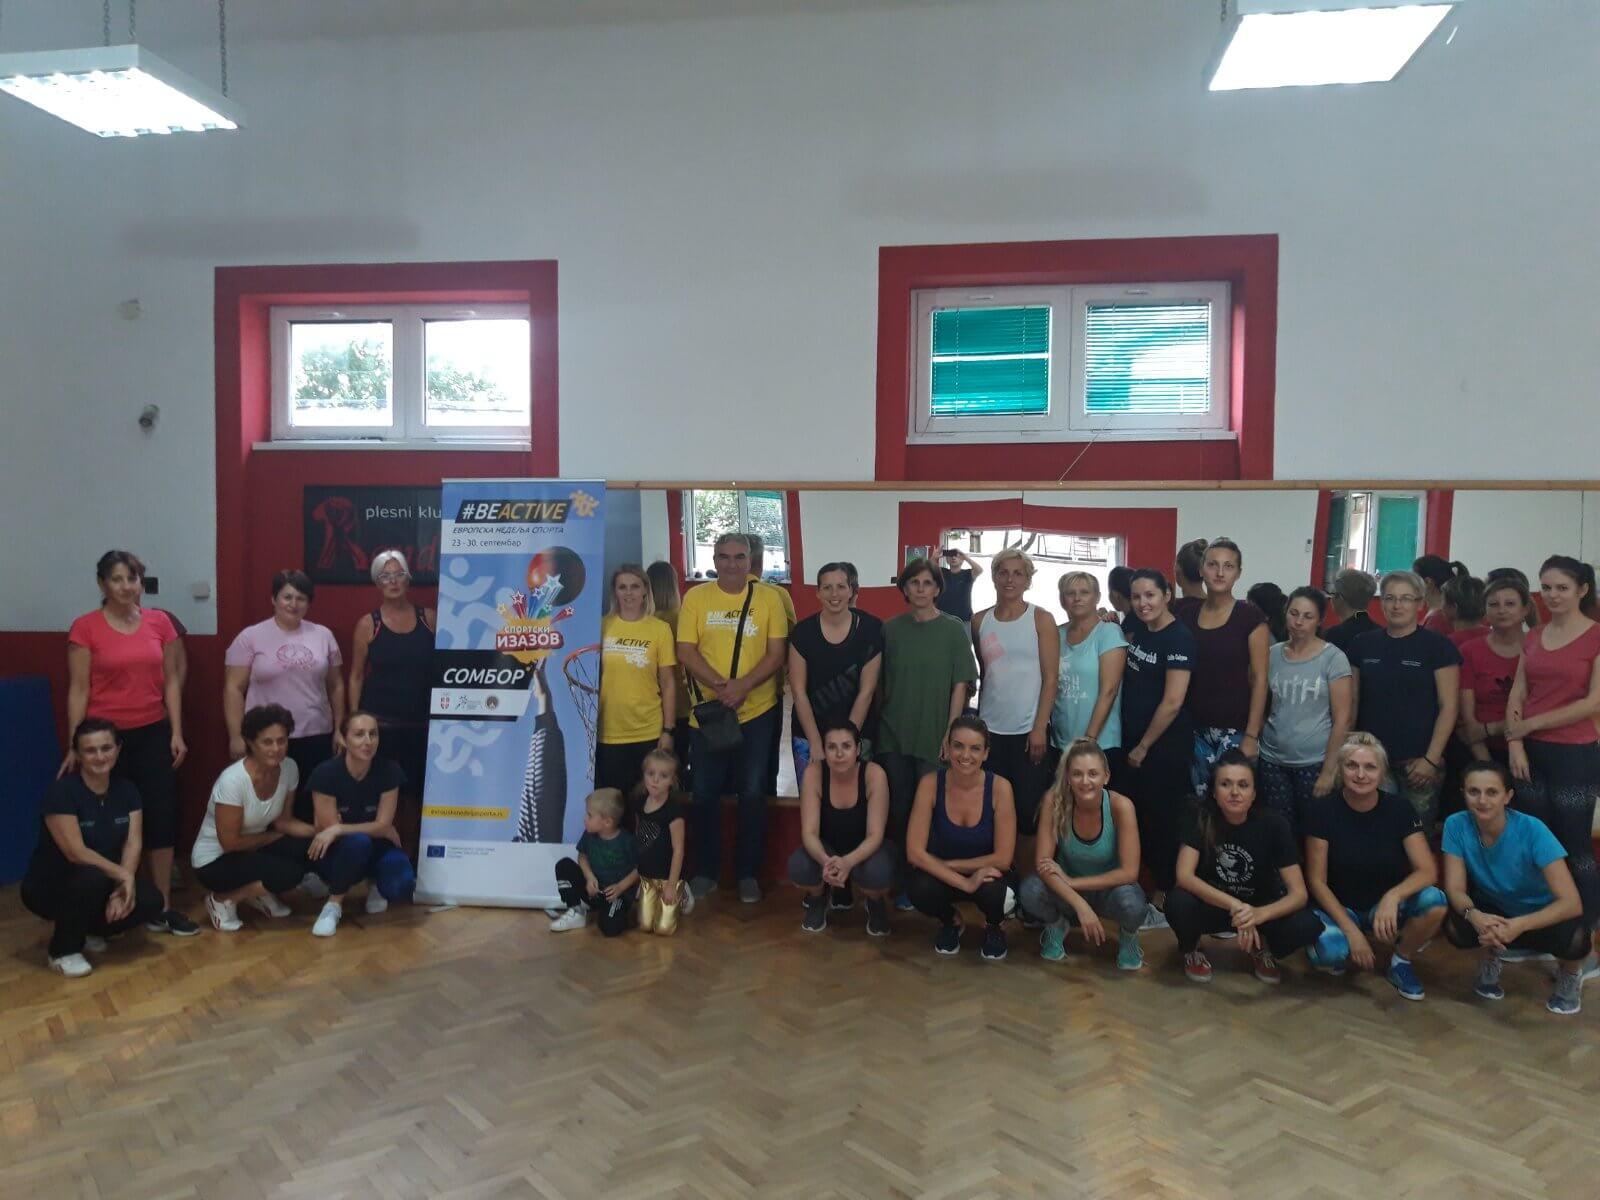 Спортска рекреација за жене у организацији Спортског савеза града Сомбора